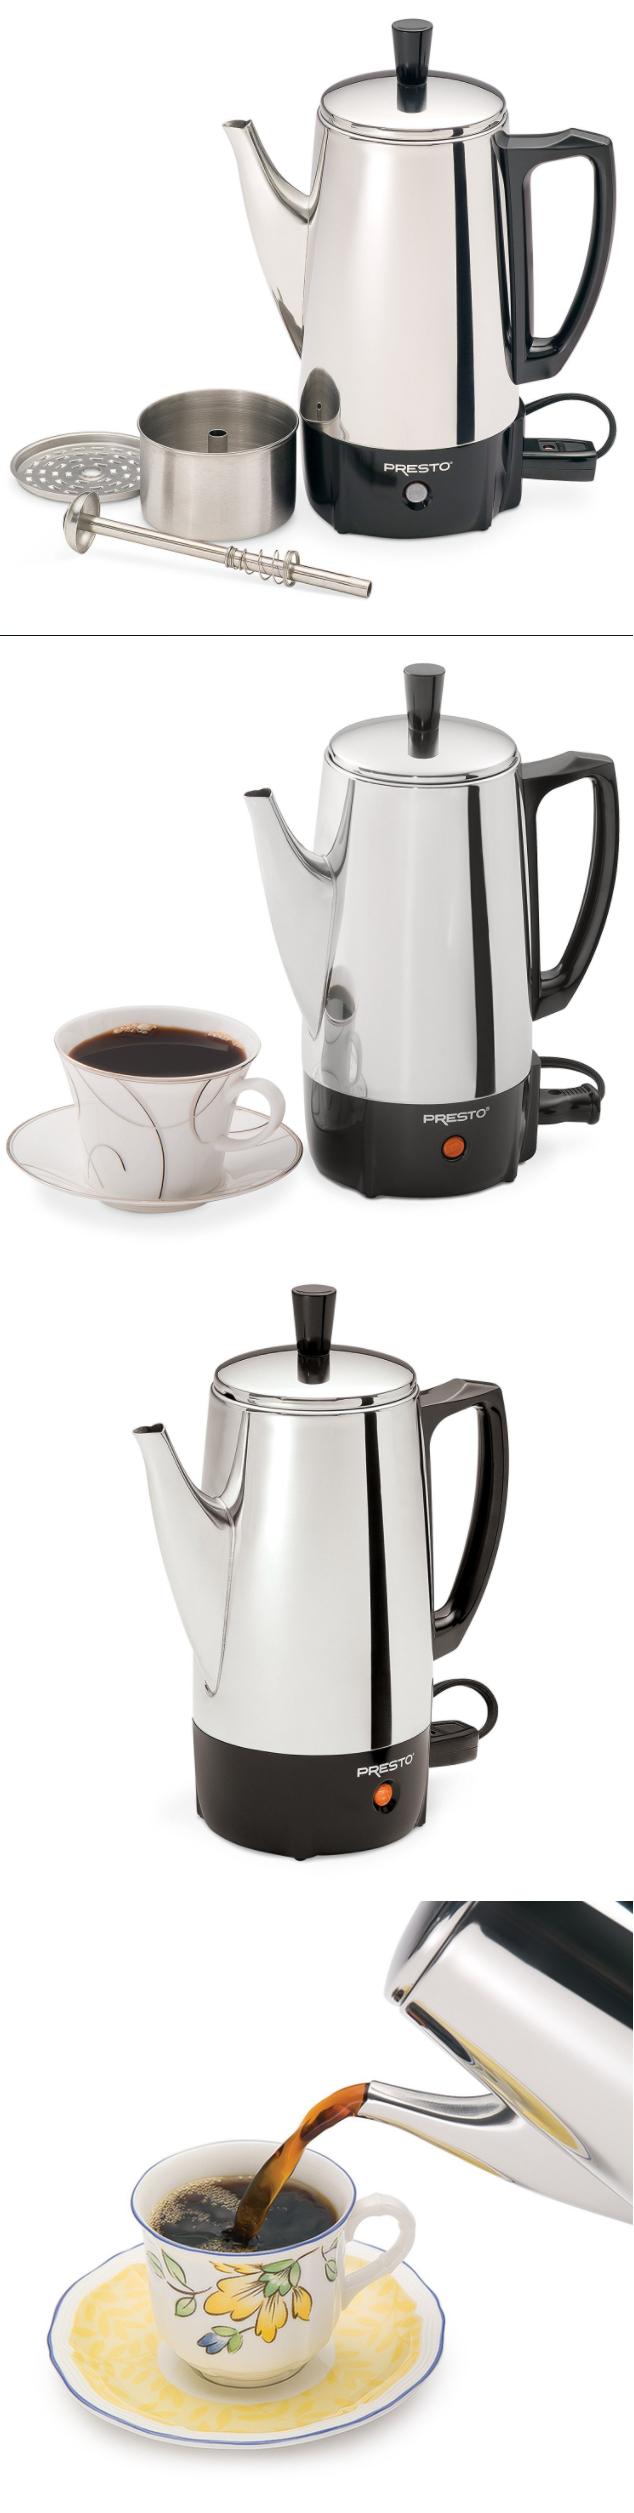 Percolators and moka pots percolating coffee pot electric